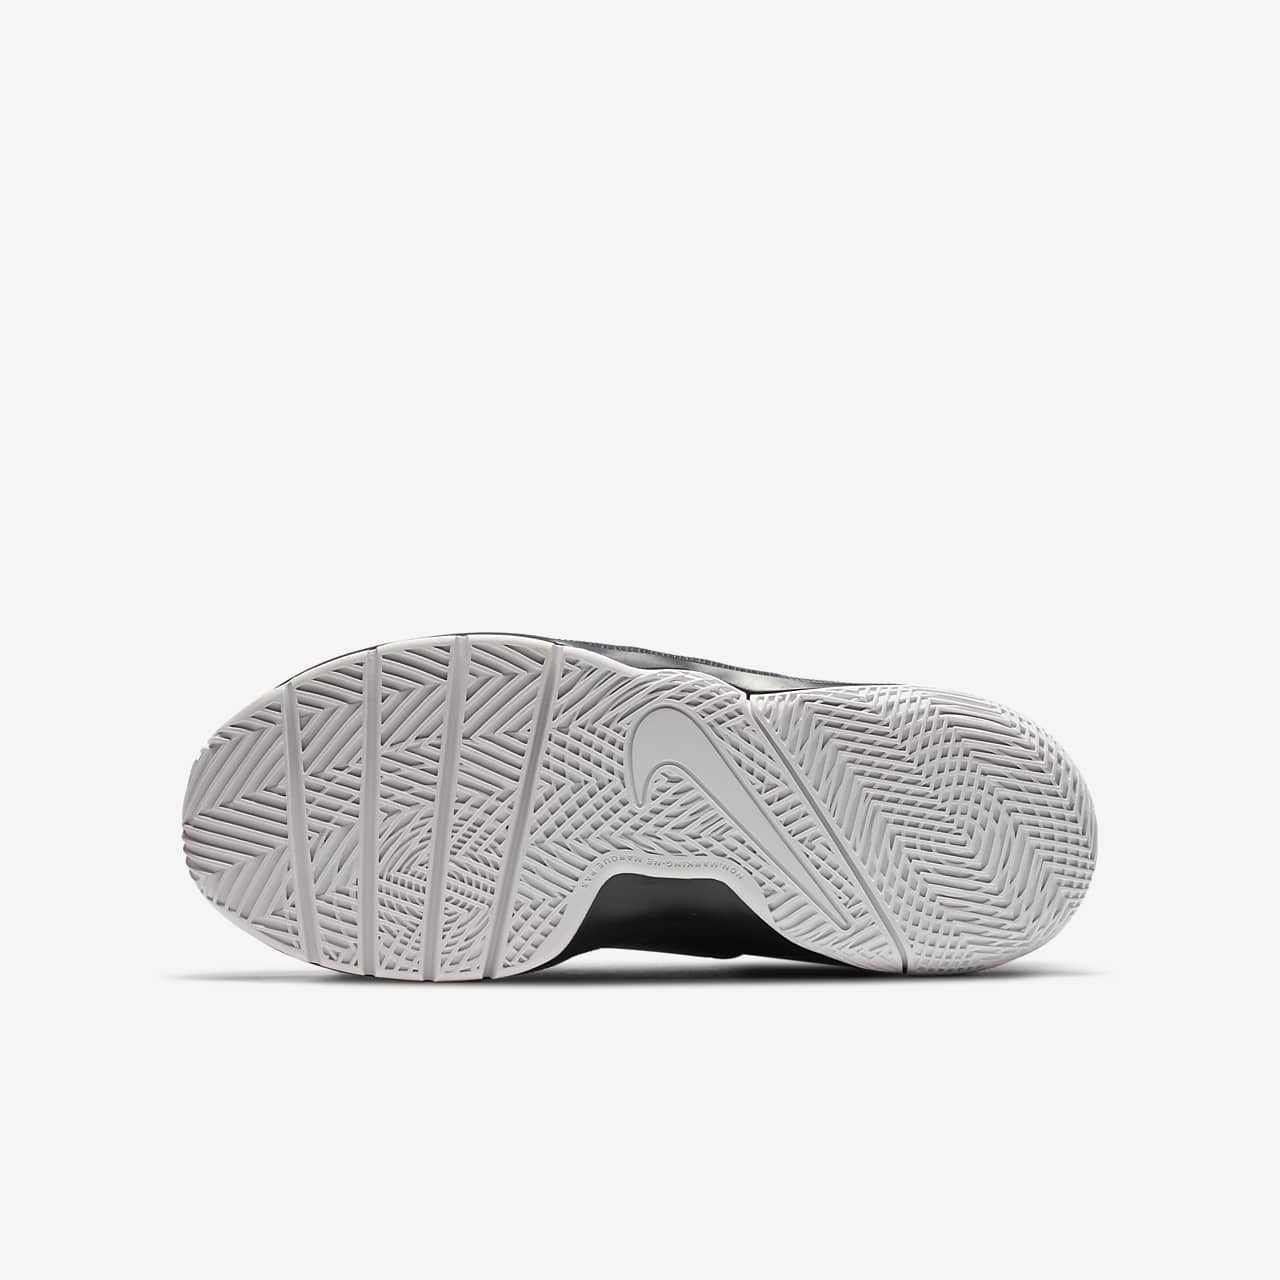 wholesale dealer 73ac7 3f2bd ... Nike Team Hustle D 8 Big Kids  Basketball Shoe